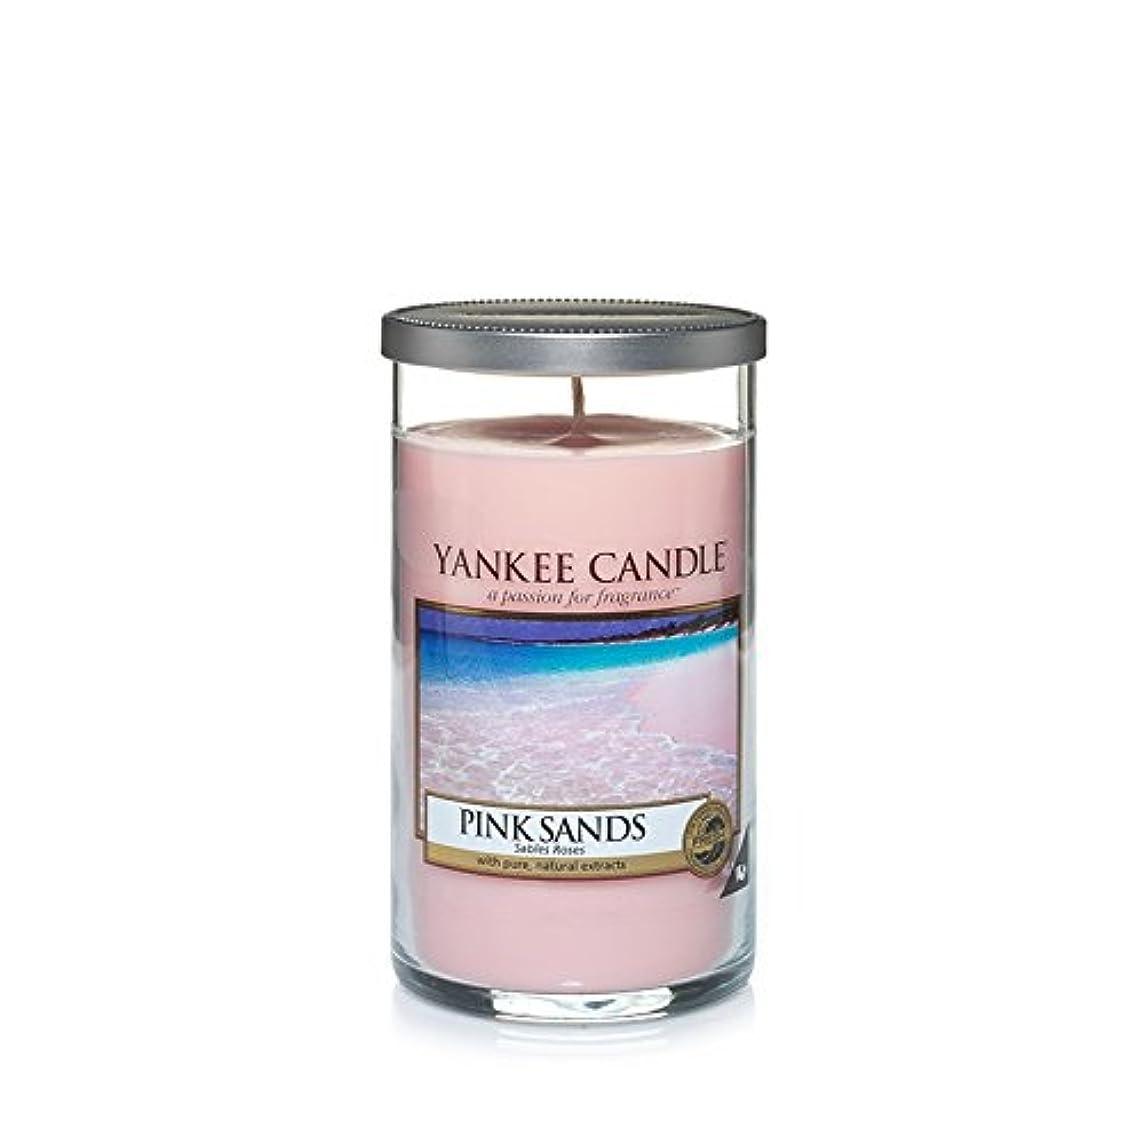 接続されたロードされた魔術Yankee Candles Medium Pillar Candle - Pink Sands? (Pack of 2) - ヤンキーキャンドルメディアピラーキャンドル - ピンクの砂? (x2) [並行輸入品]